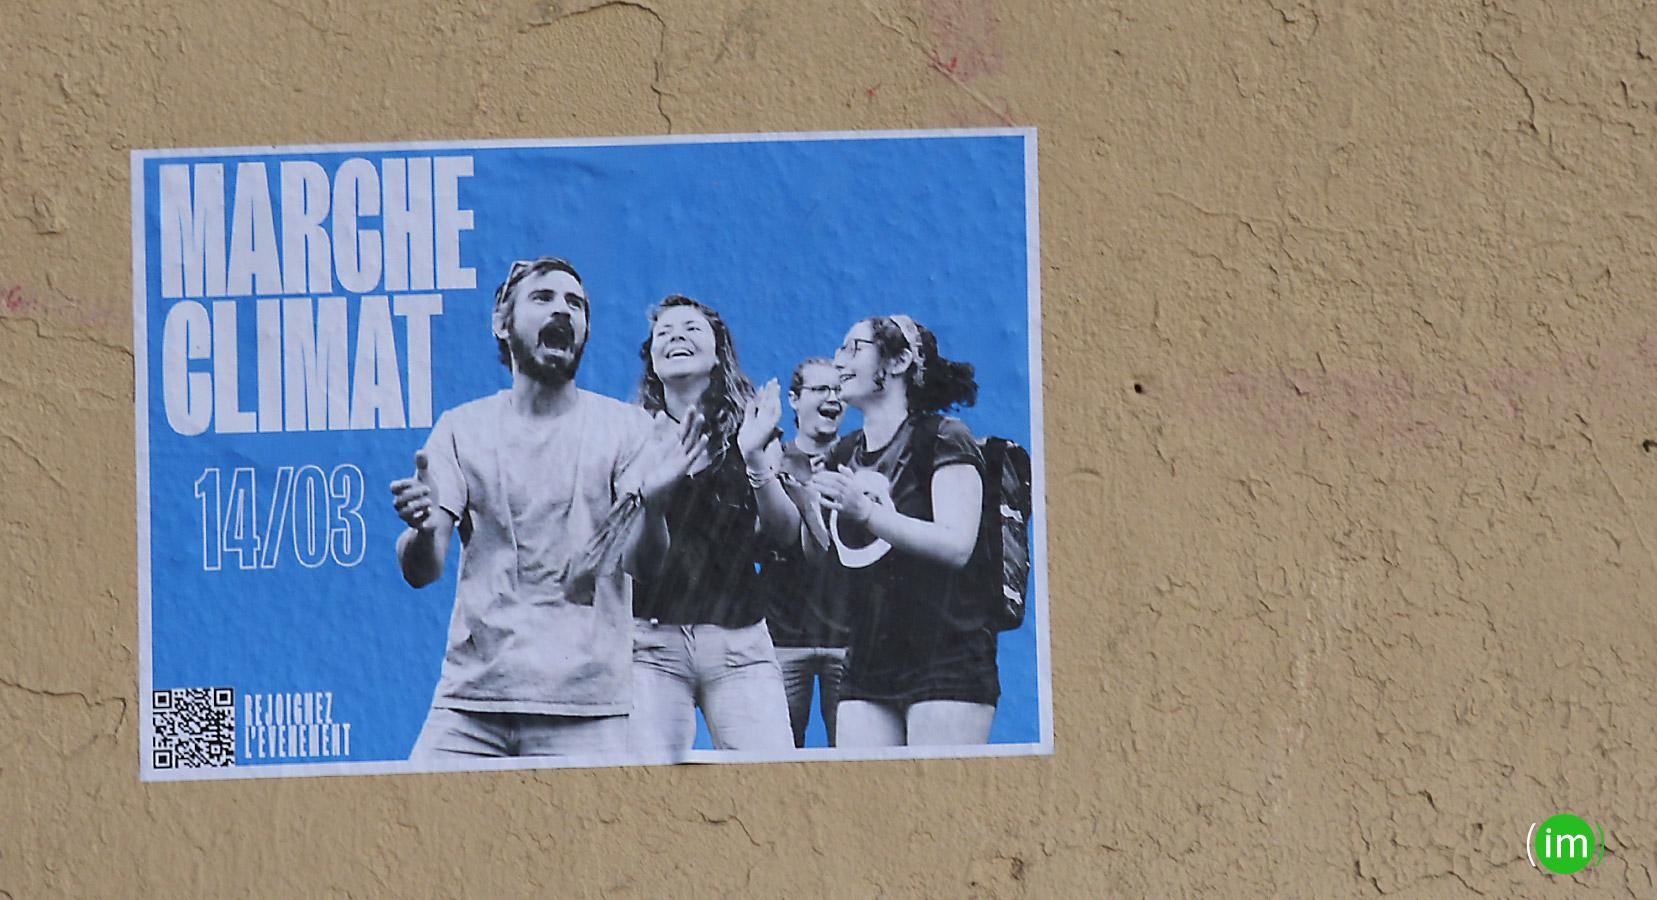 Marche pour le climat Samedi 14 03 2020